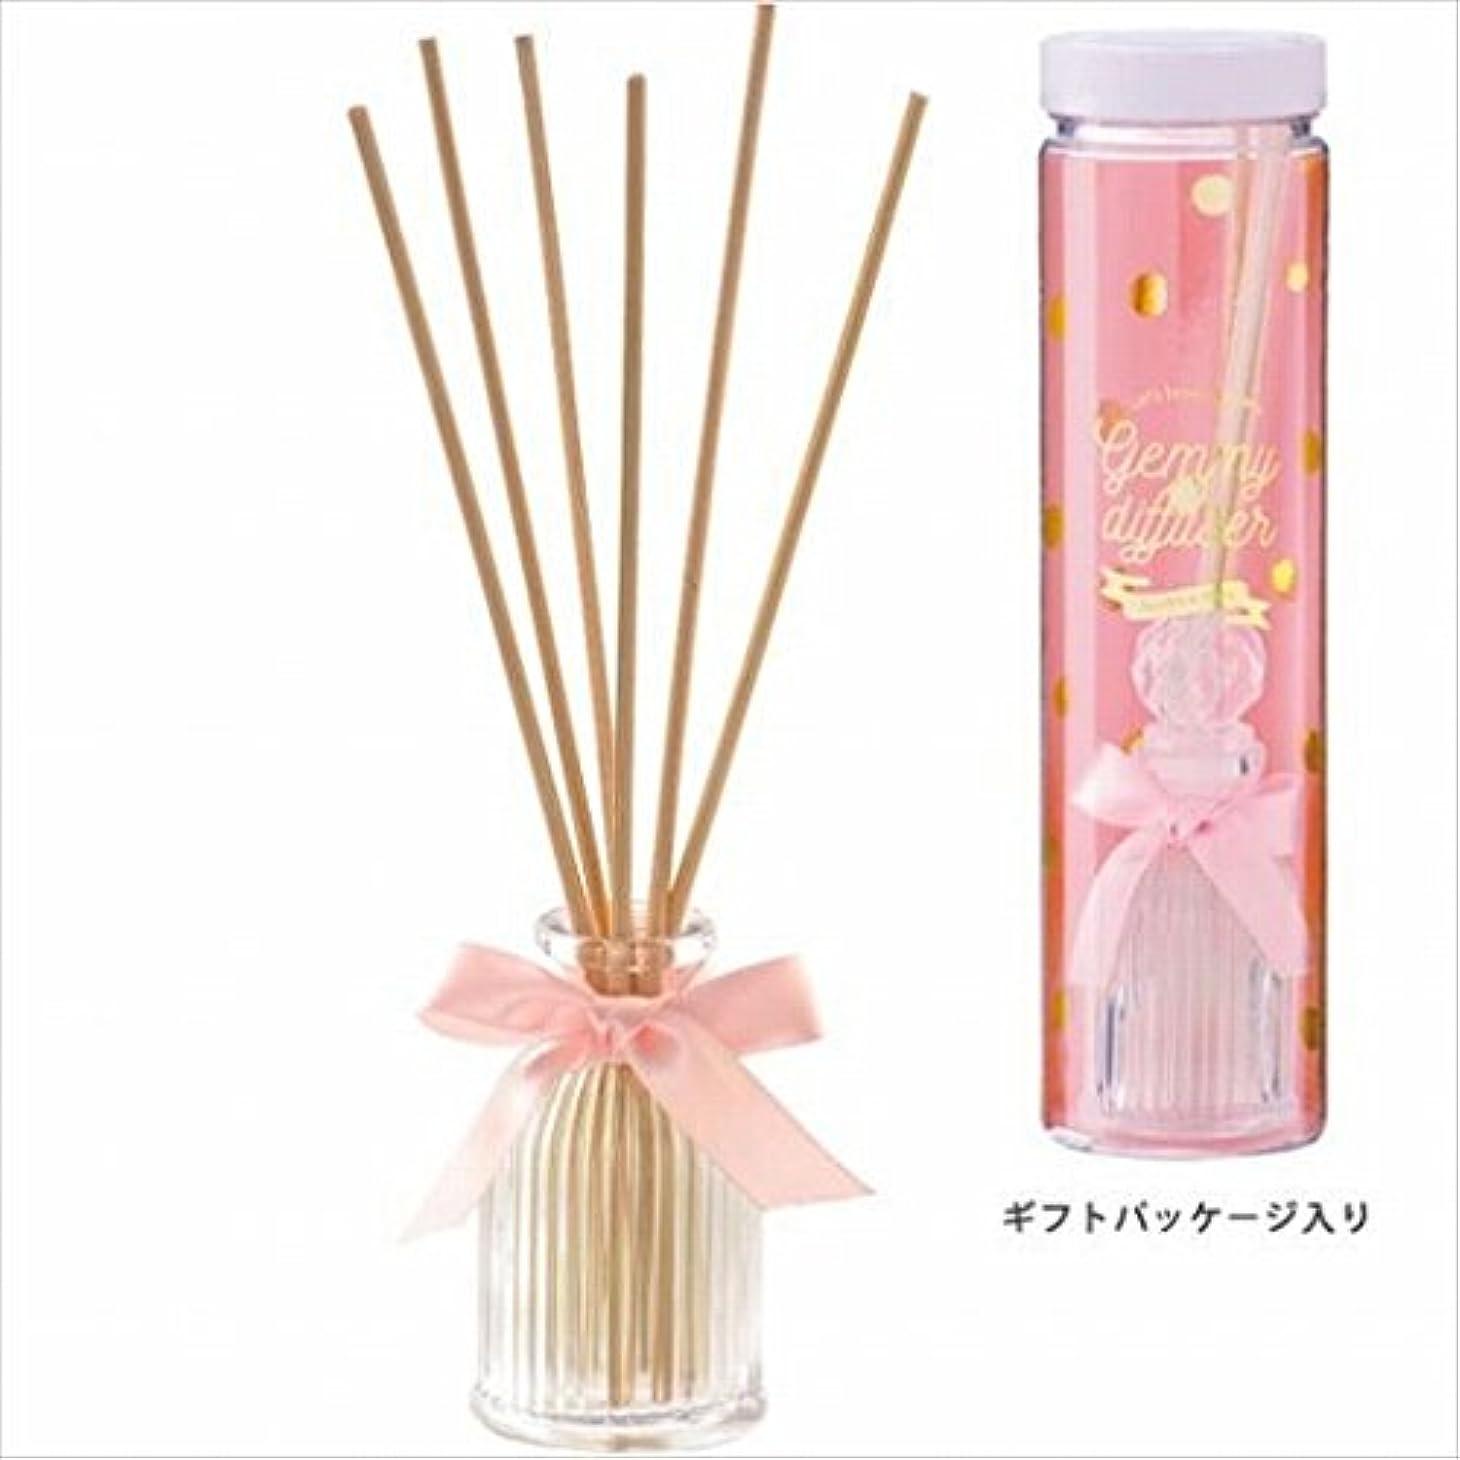 秘密の漏れのりカメヤマキャンドル( kameyama candle ) GEMMY (ジェミー) ディフューザー 「 ピオニー 」